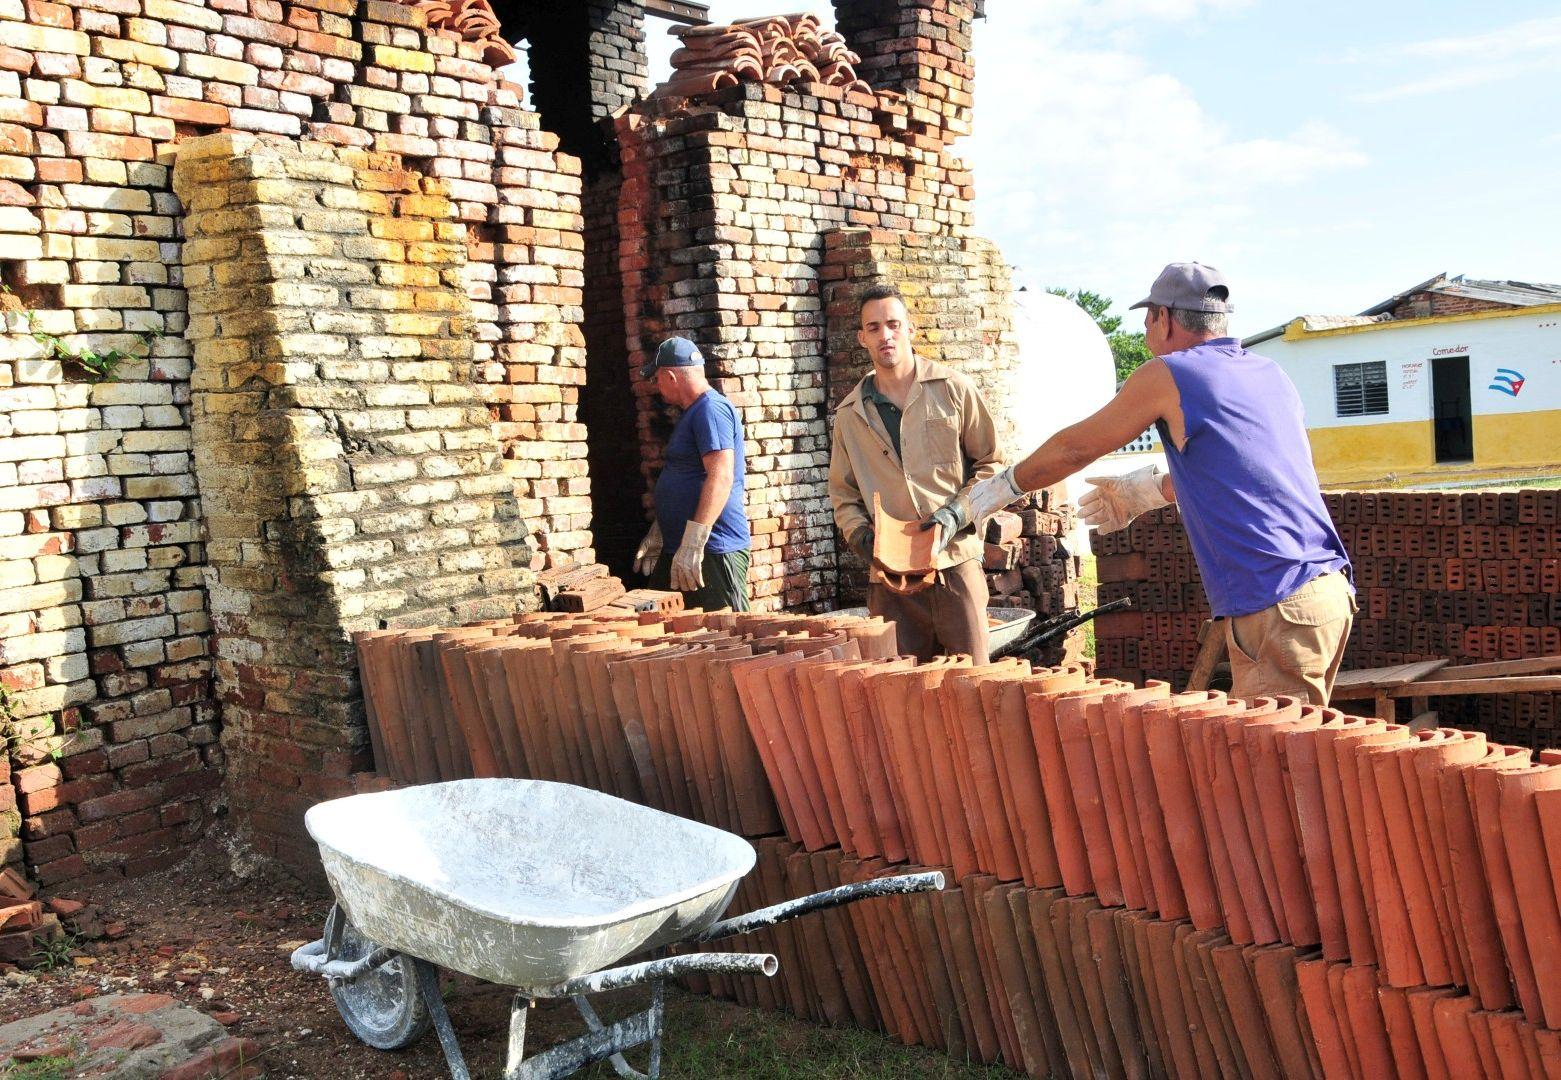 sancti spiritus, construccion de viviendas, huracan irma, yaguajay, materiales de la construccion